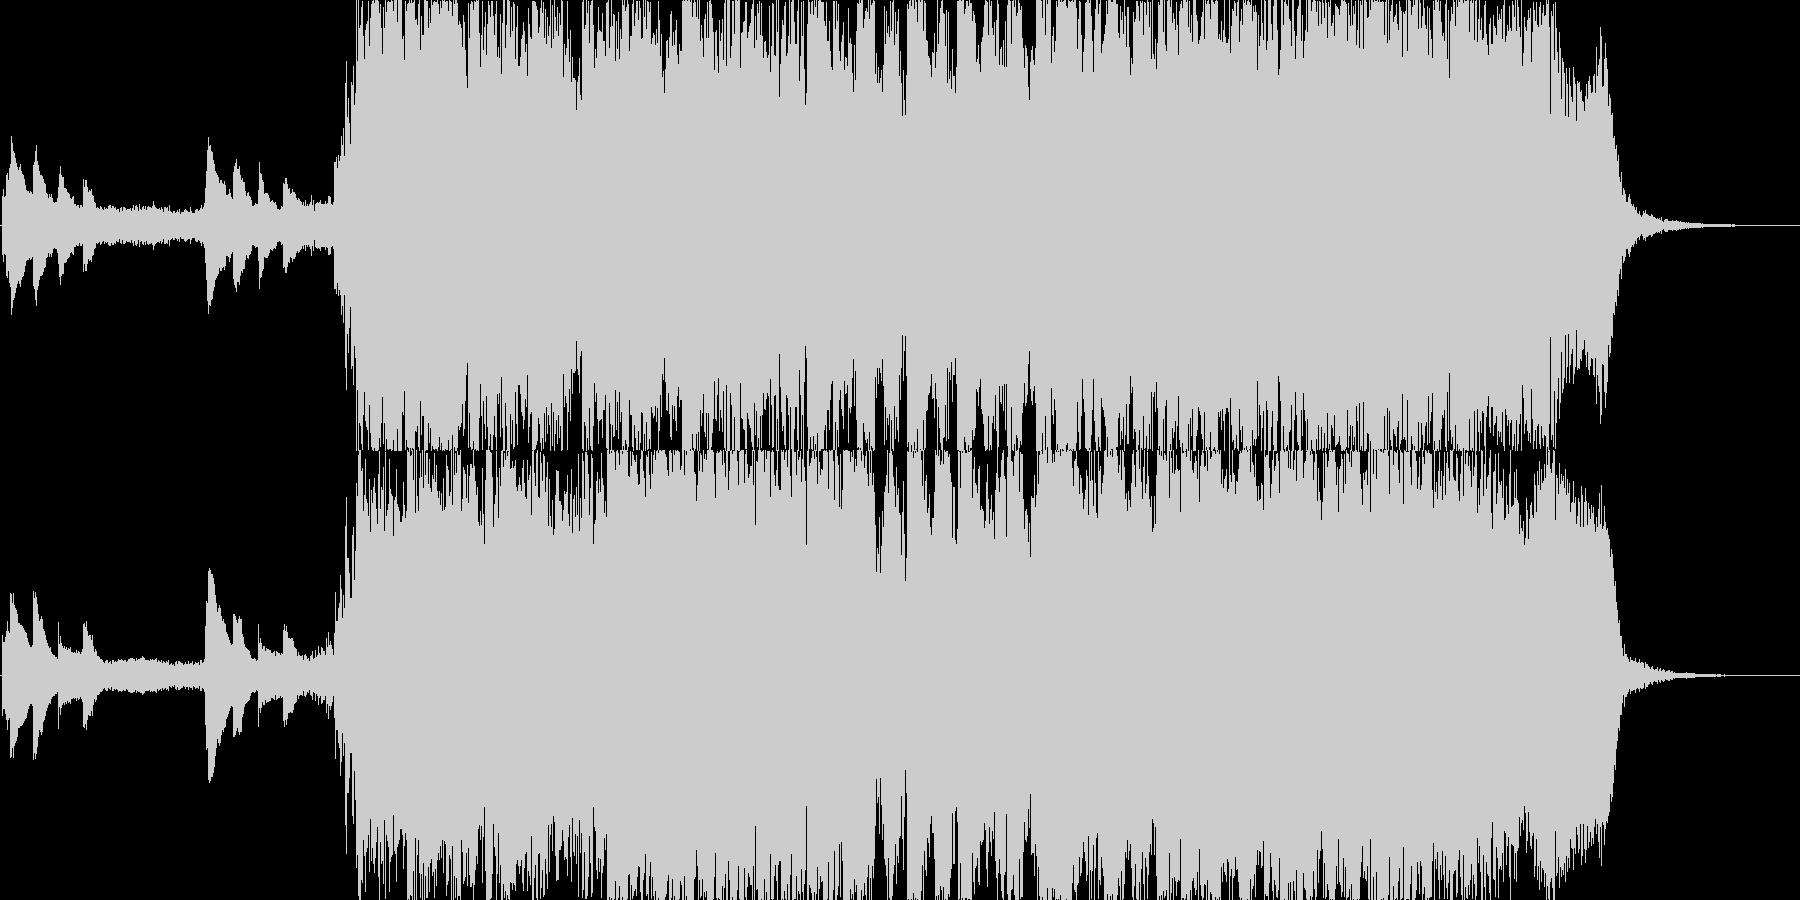 ロマンチックな印象のジングル 30秒の未再生の波形